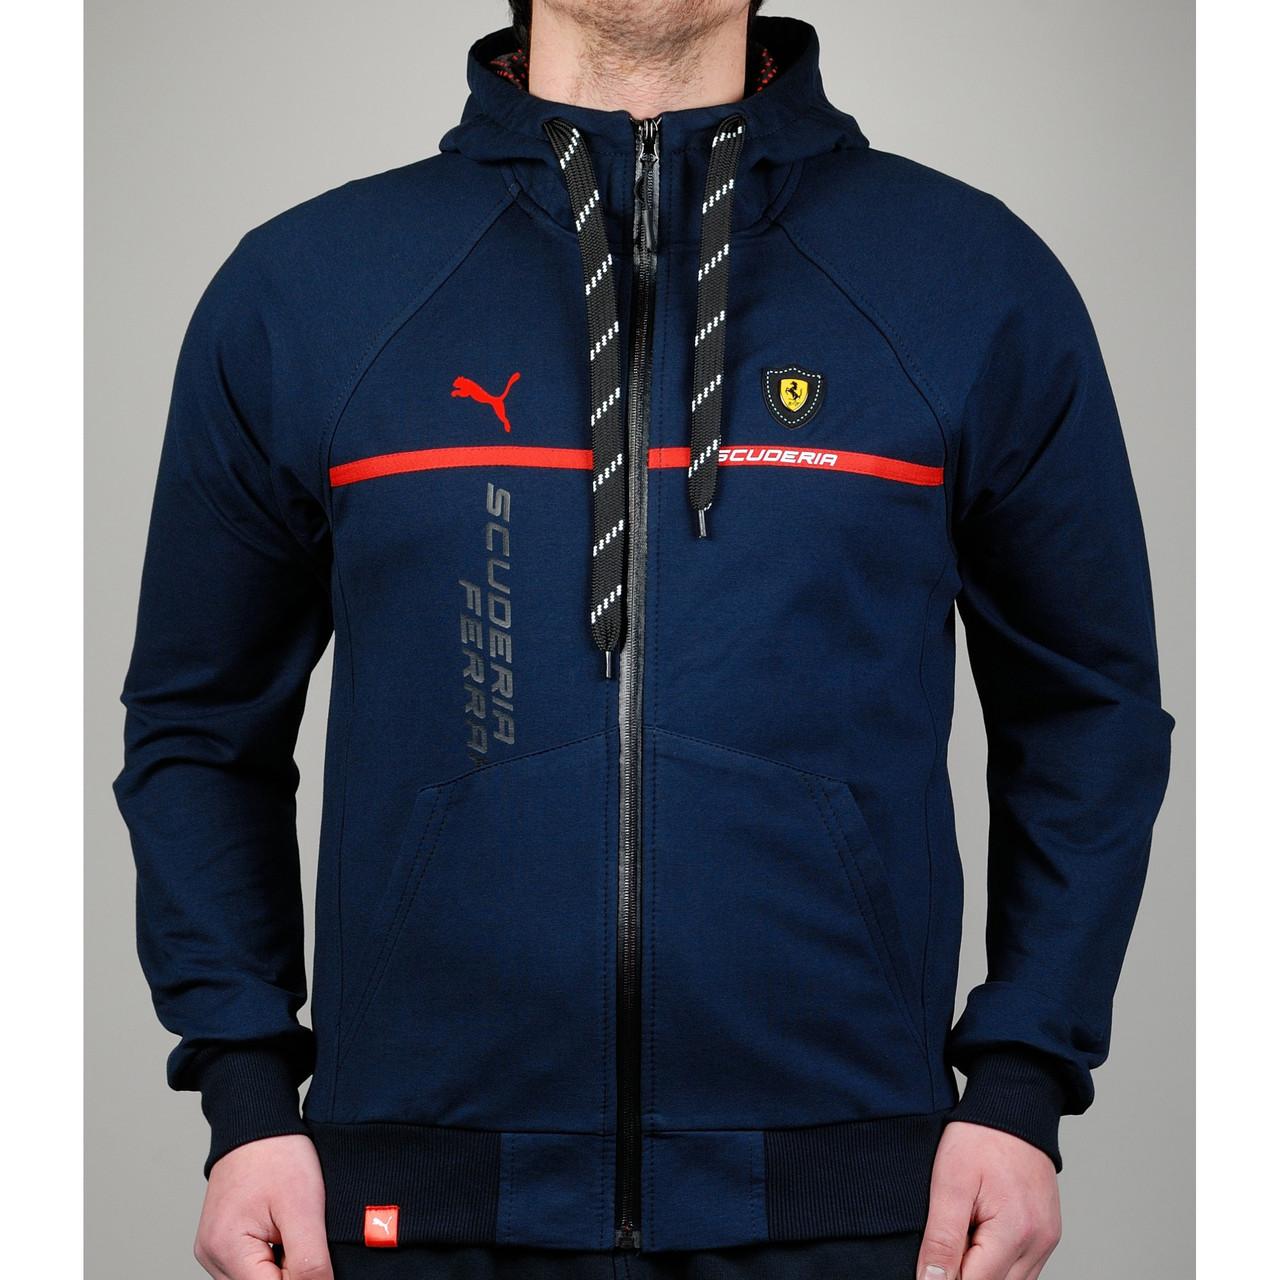 14598f3c3594 Мужская спортивная кофта Puma Ferrari - Торговая площадка